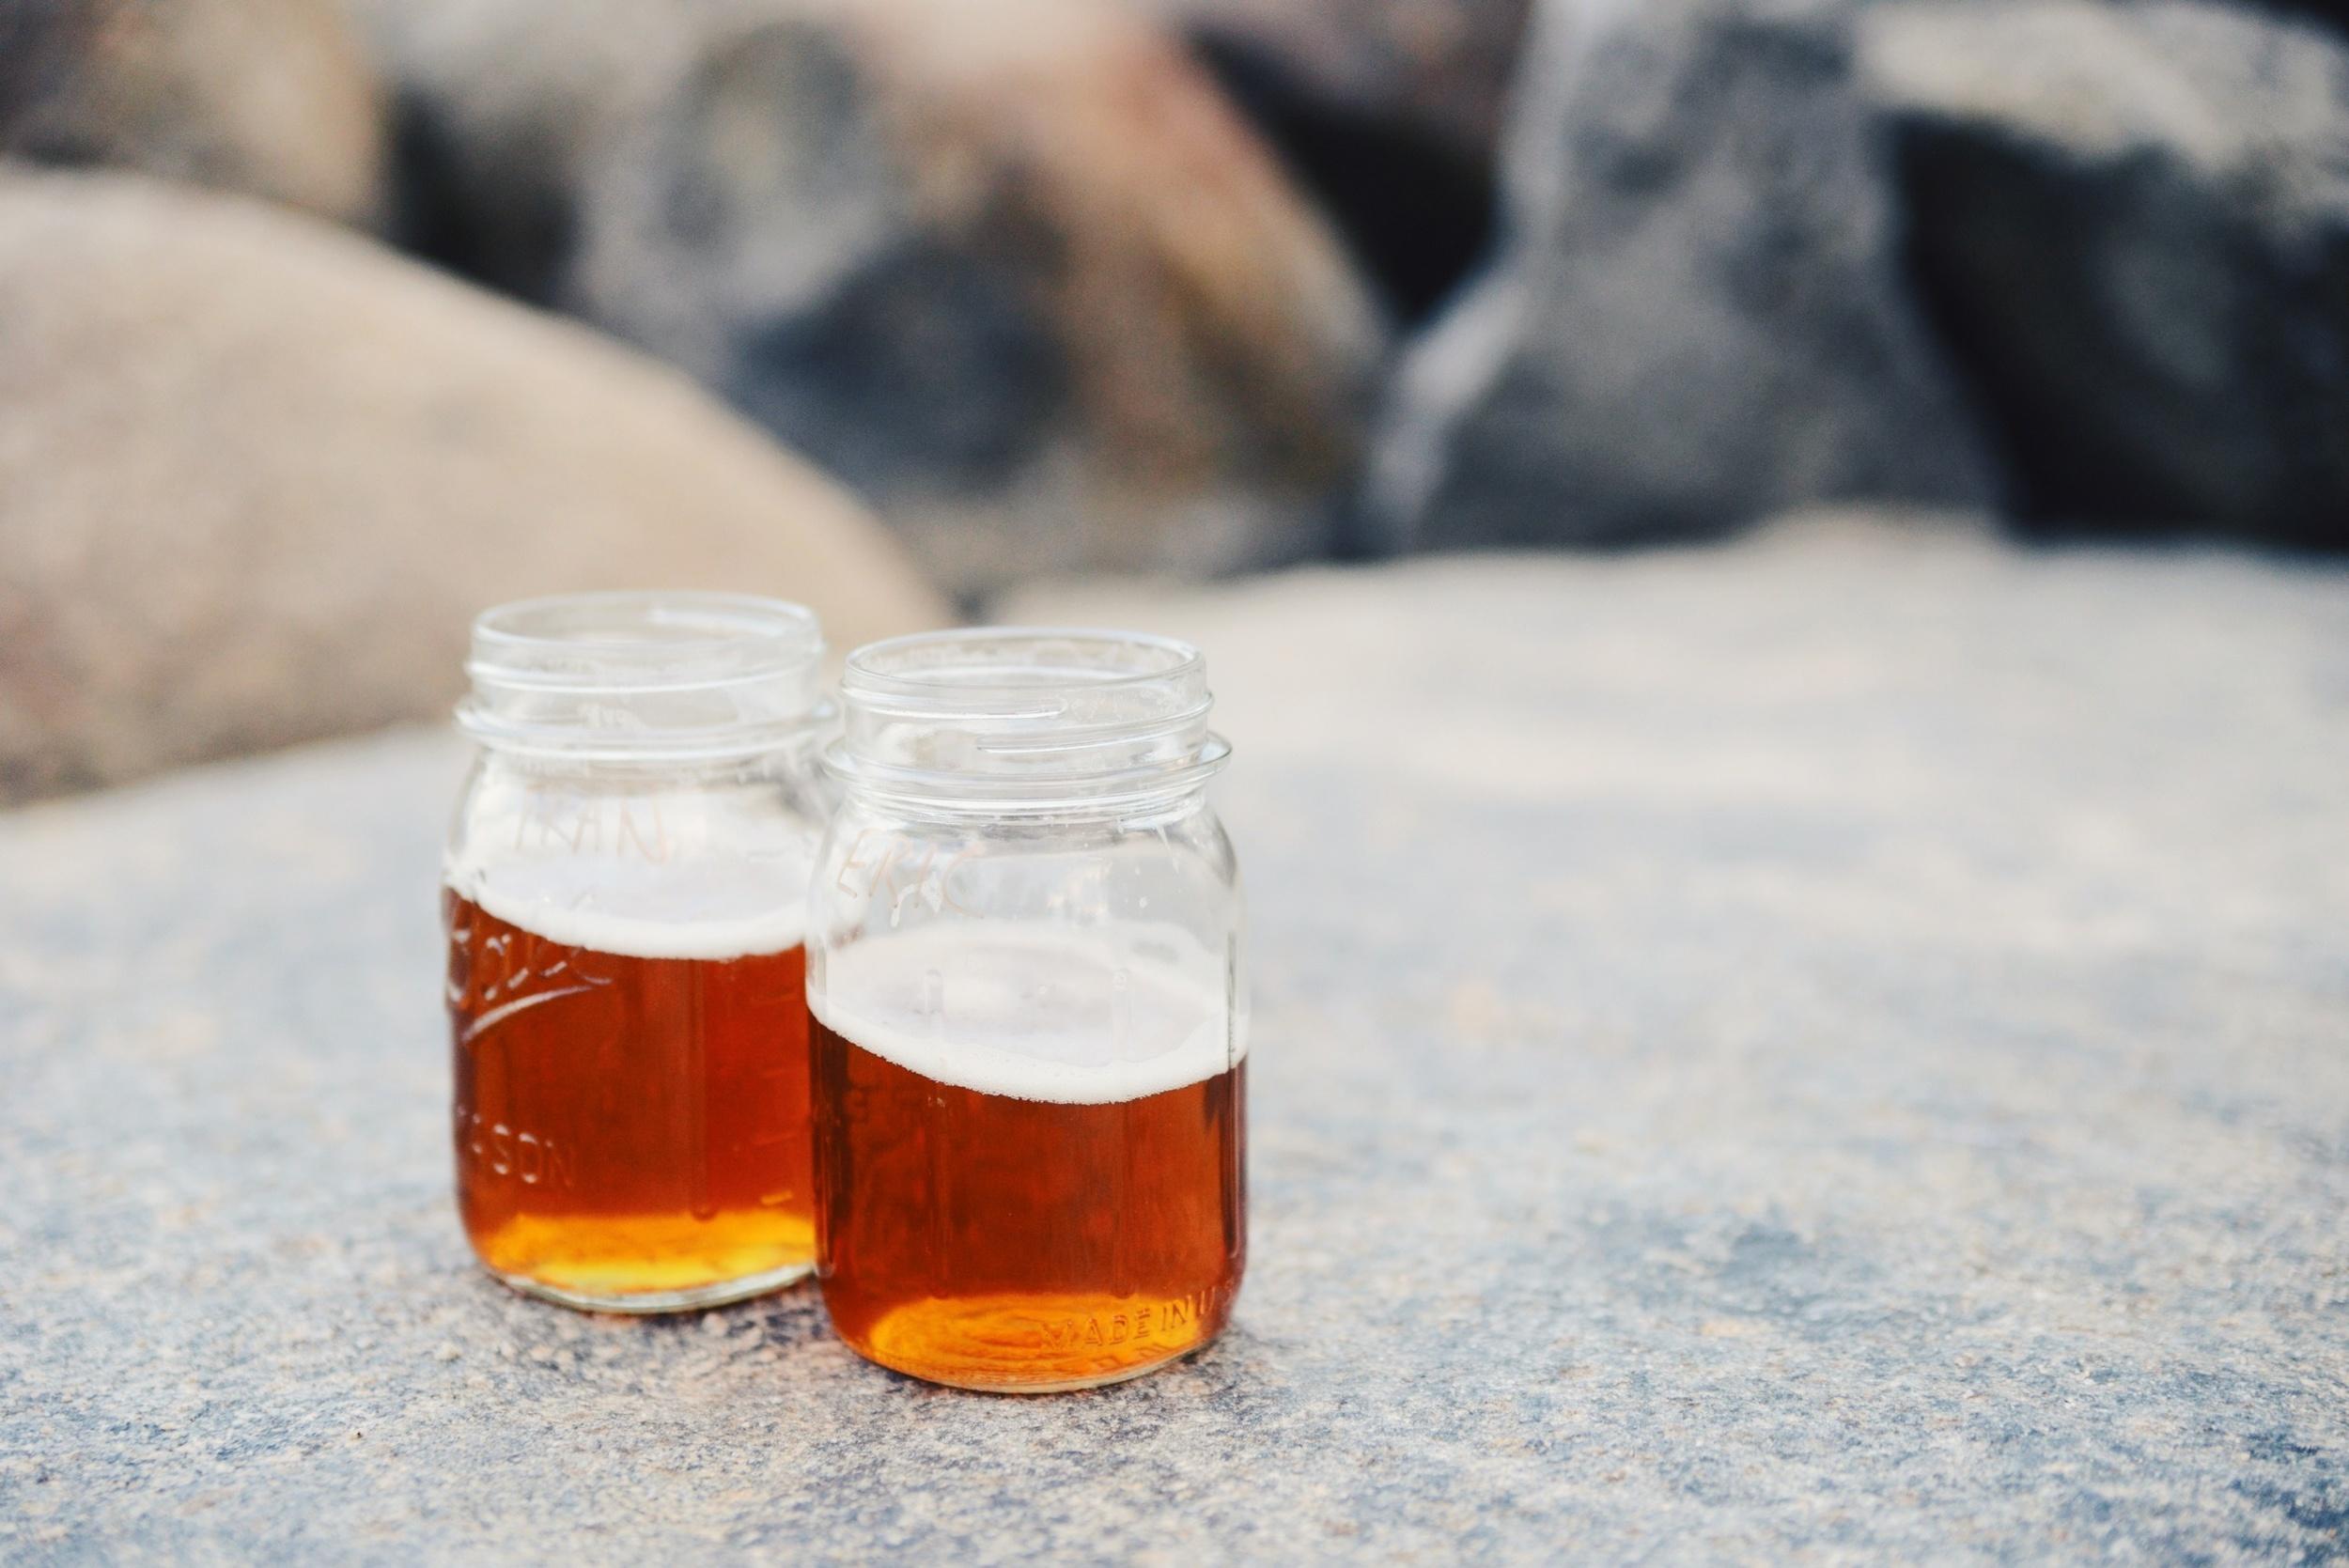 Beer in mason jars